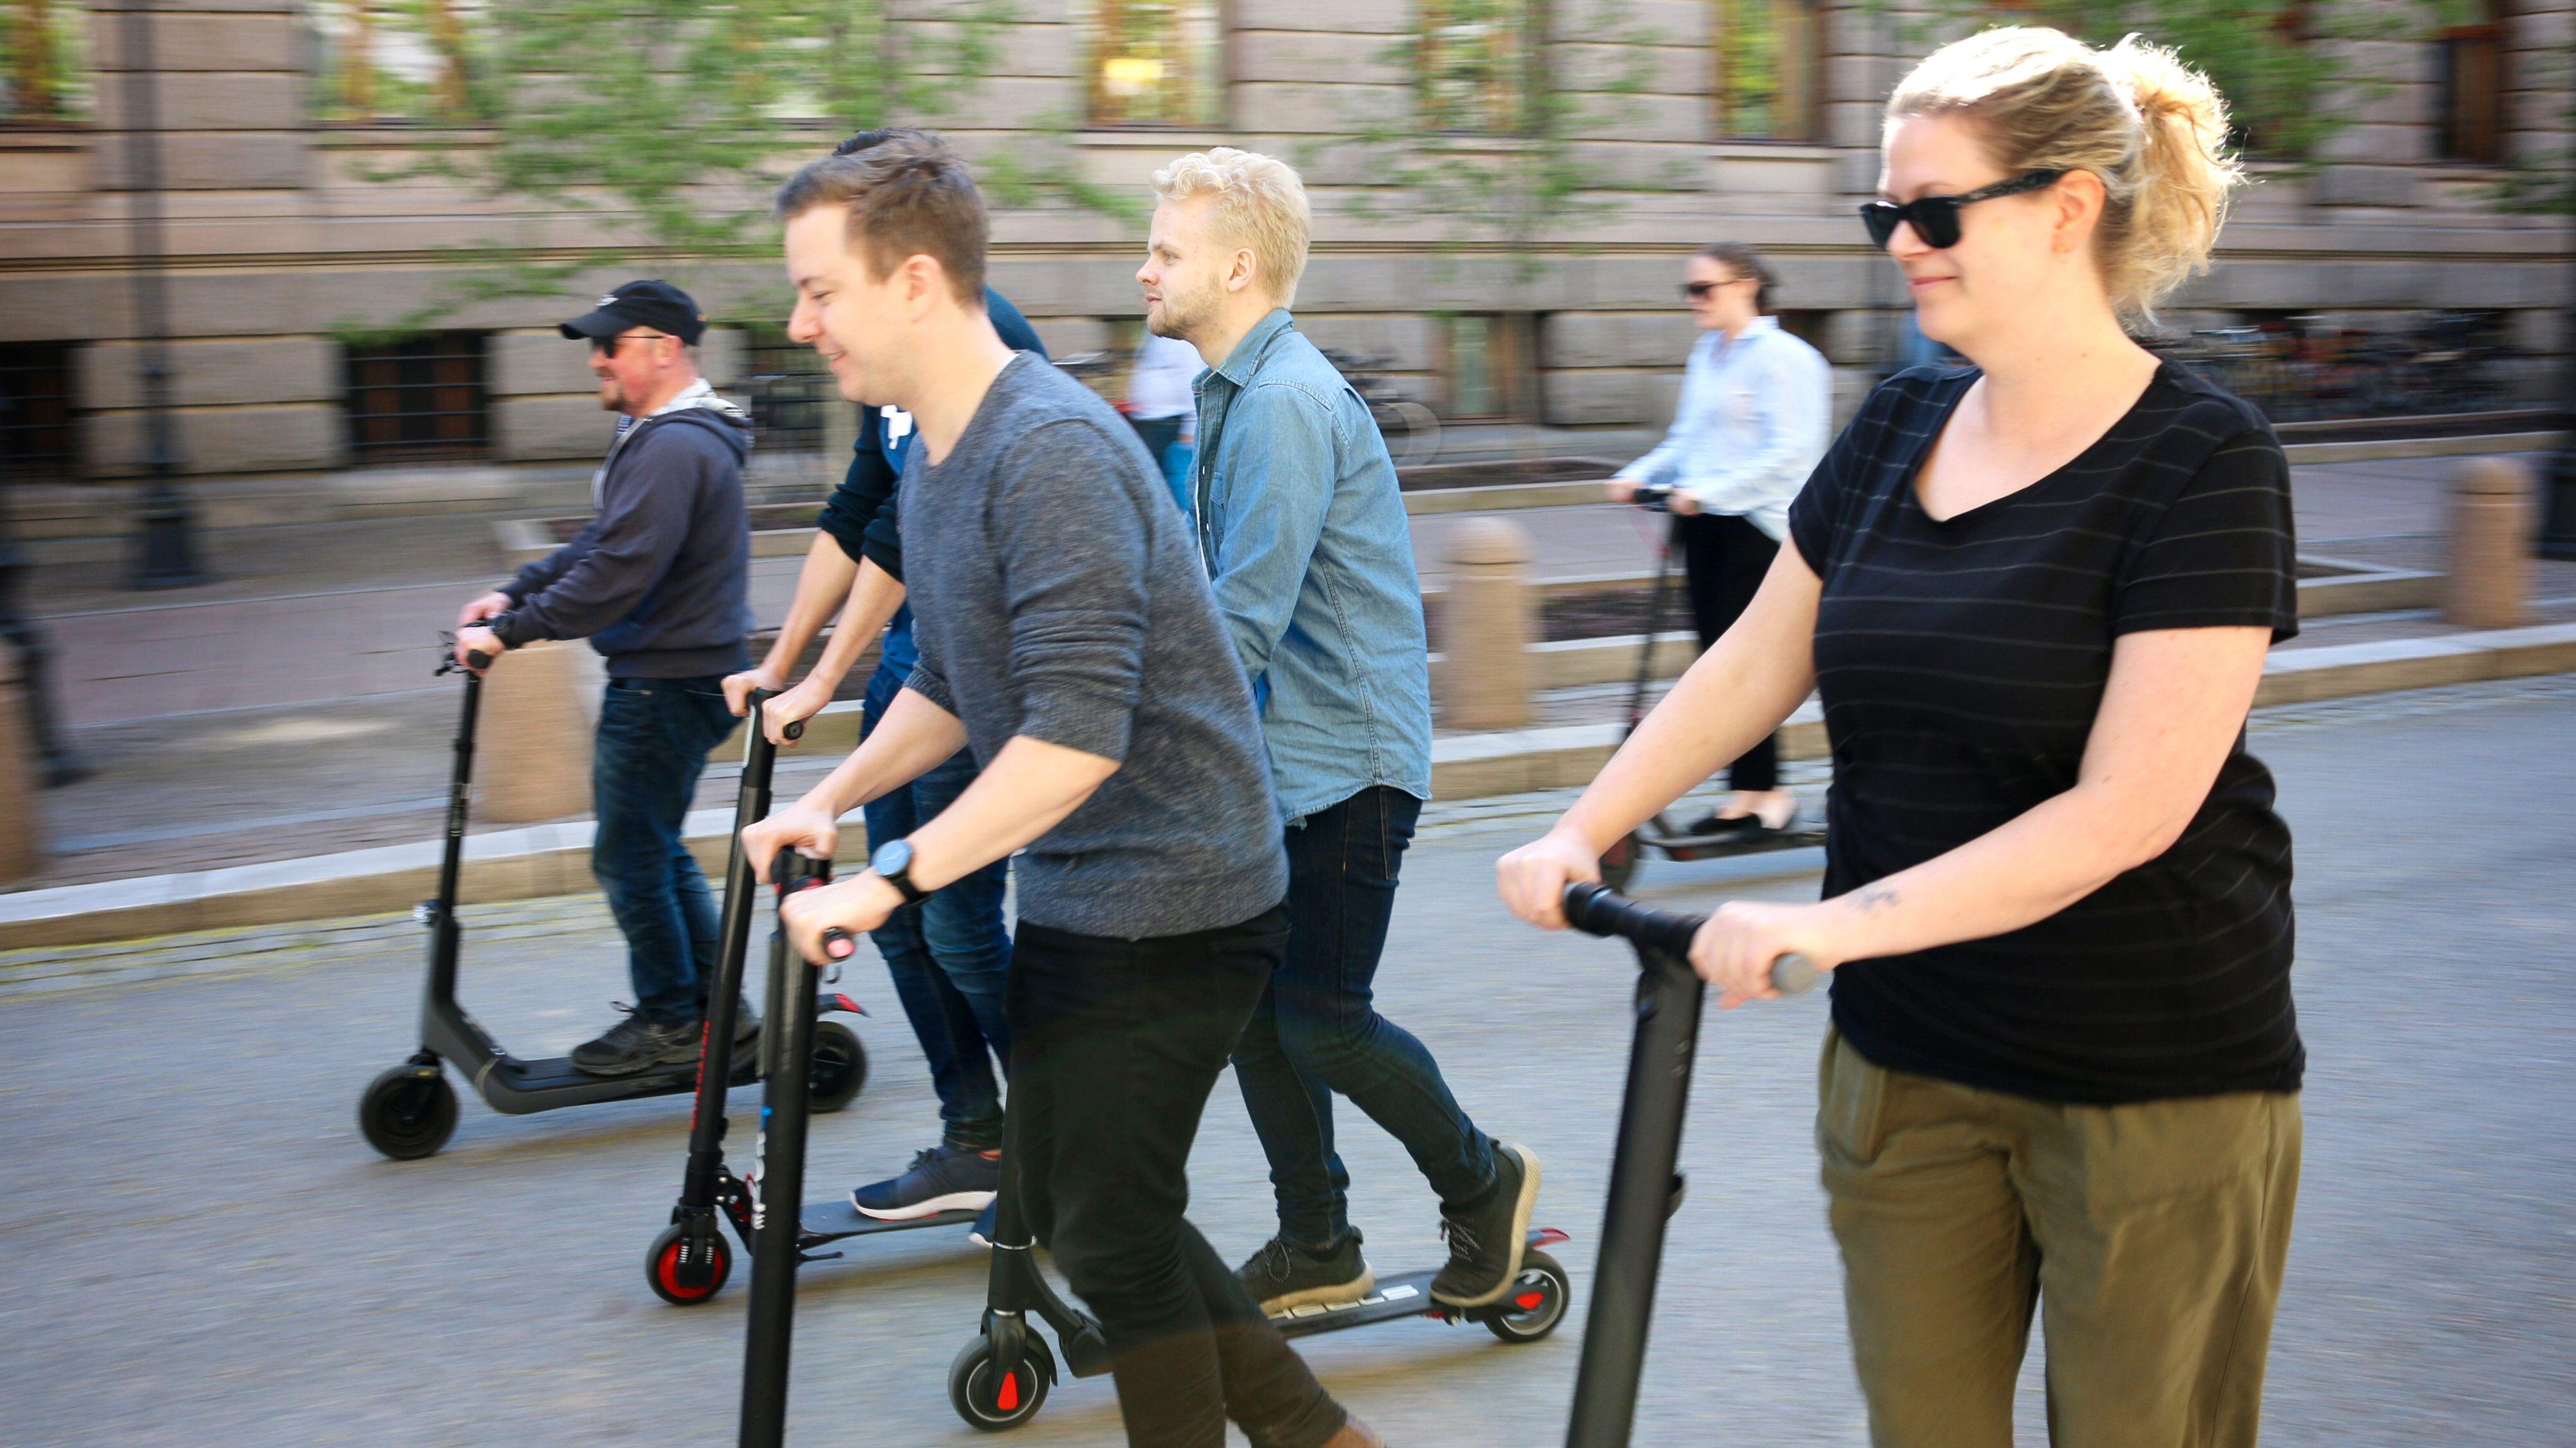 Regjeringen: Ikke aktuelt å endre reglene for elsparkesykler